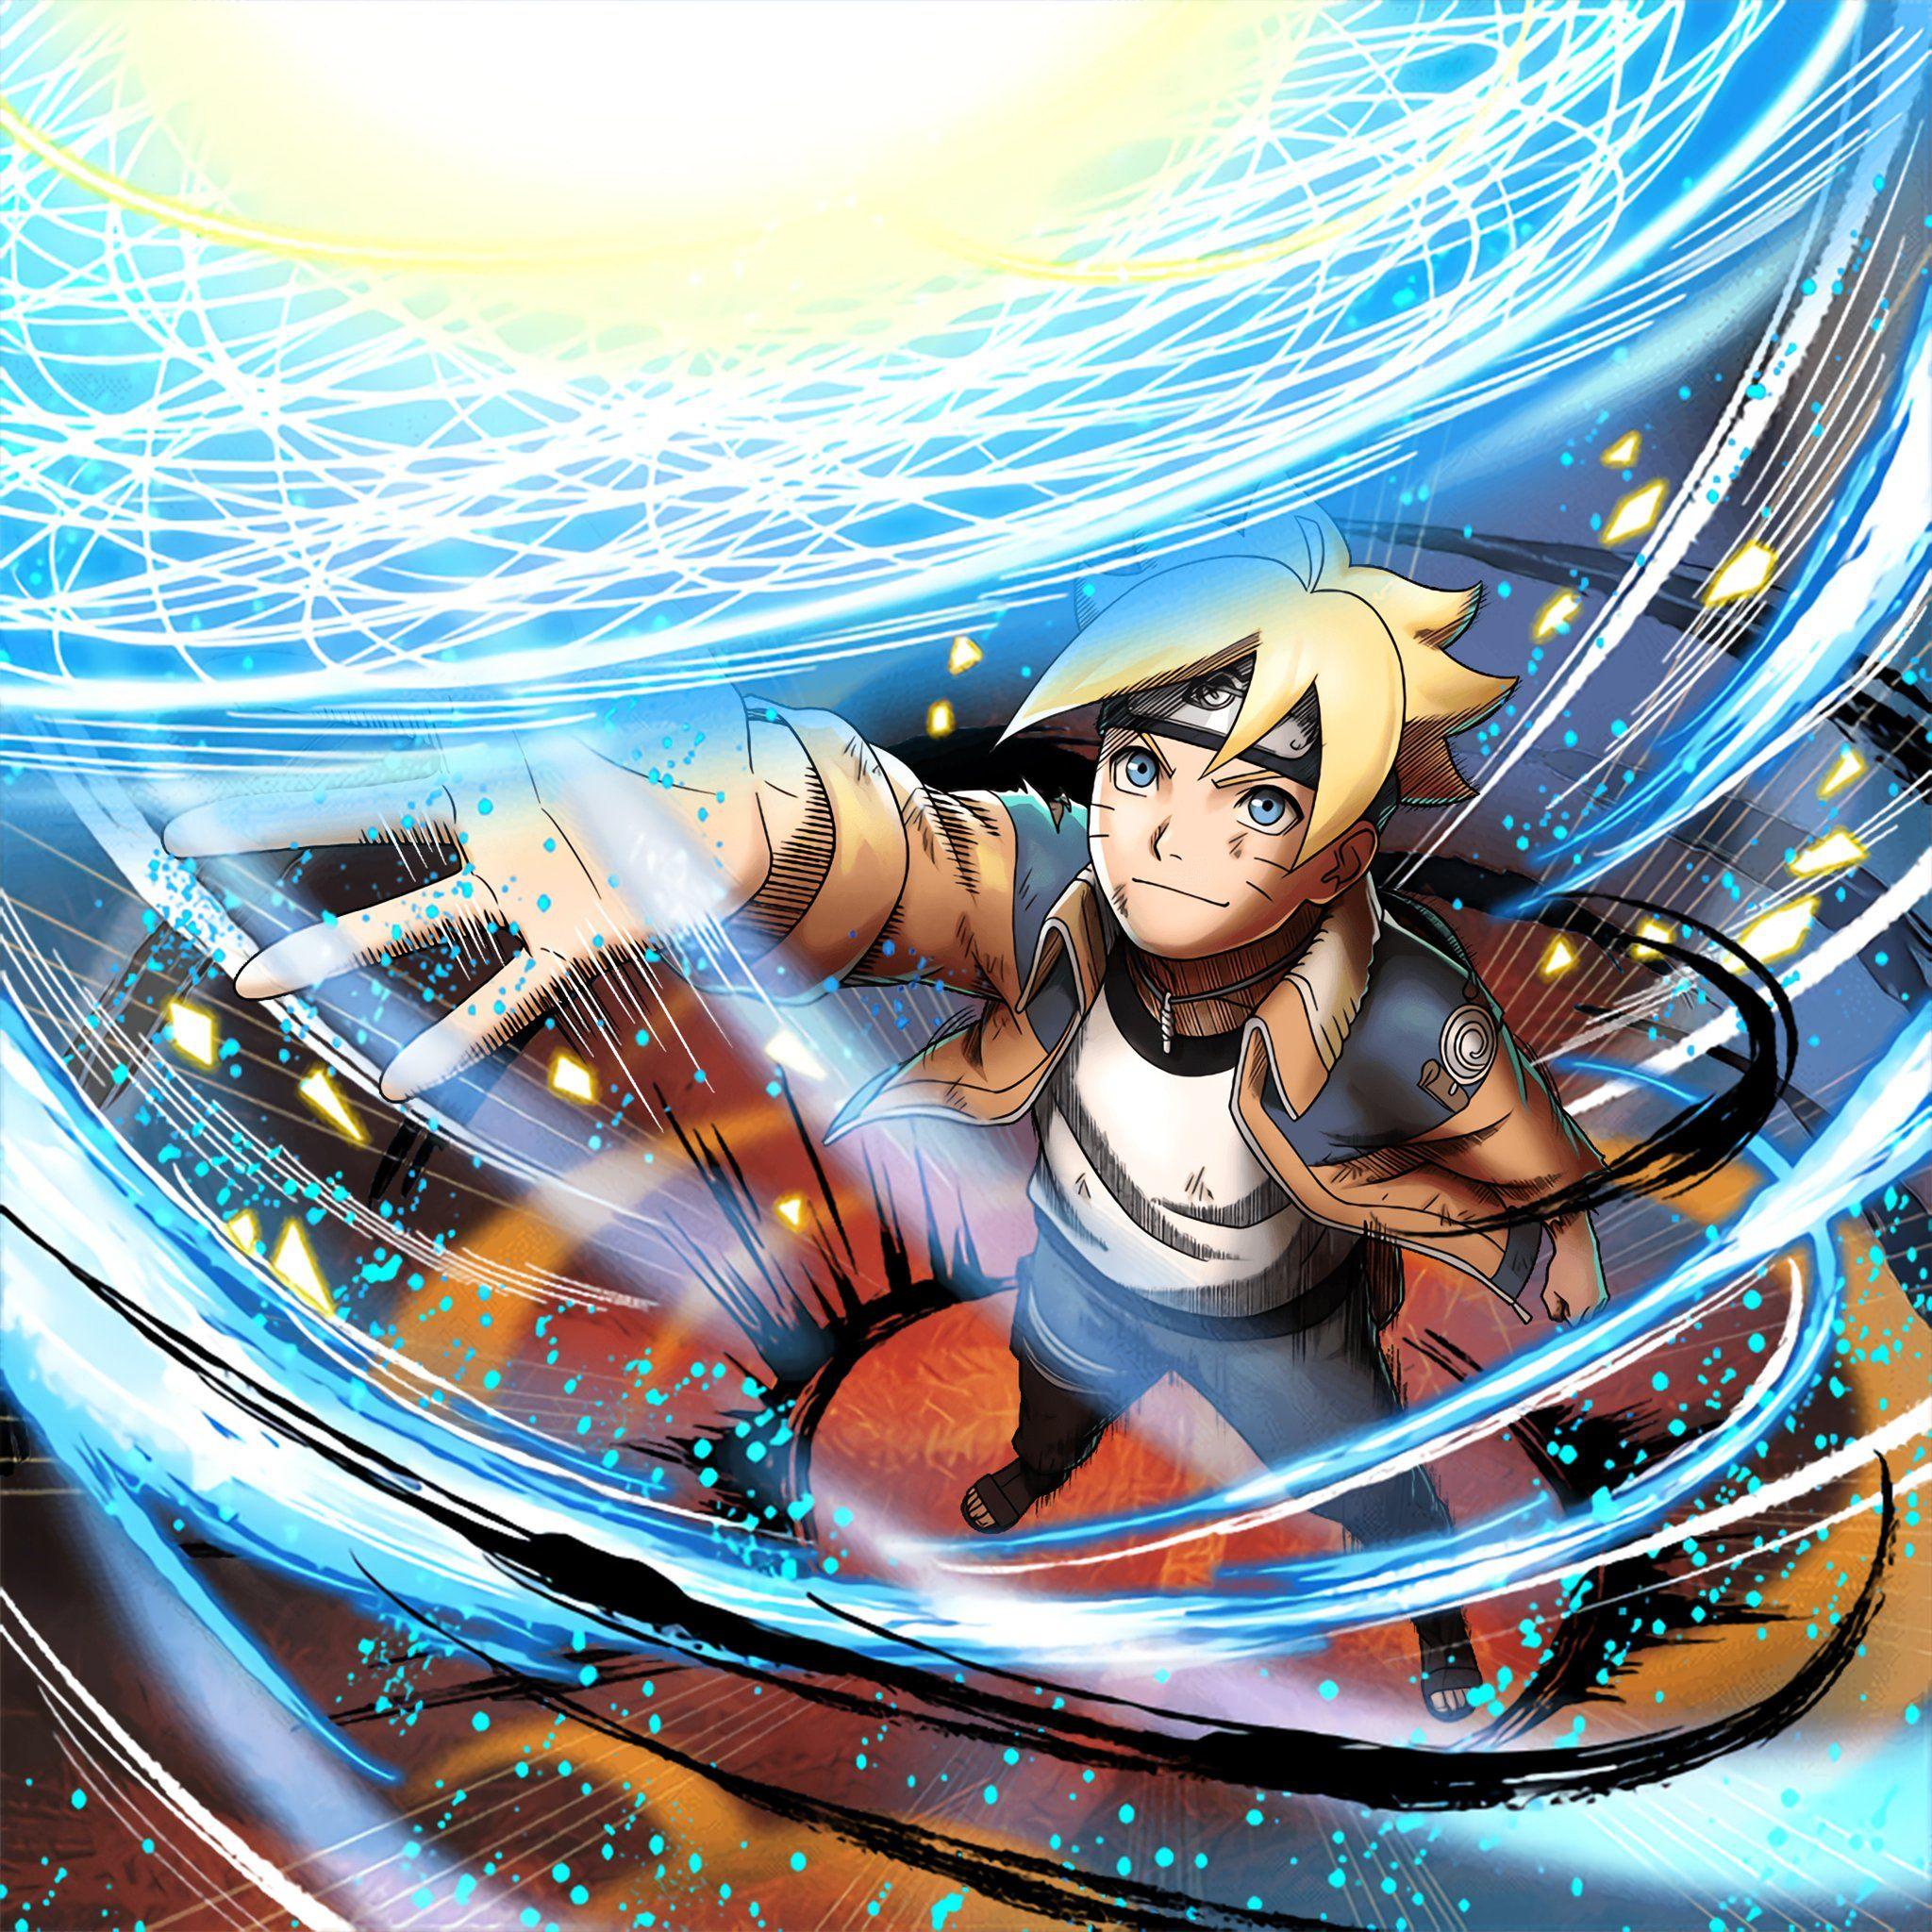 Kuwa On Twitter In 2021 Naruto Shippuden Anime Naruto Sasuke Sakura Naruto Art